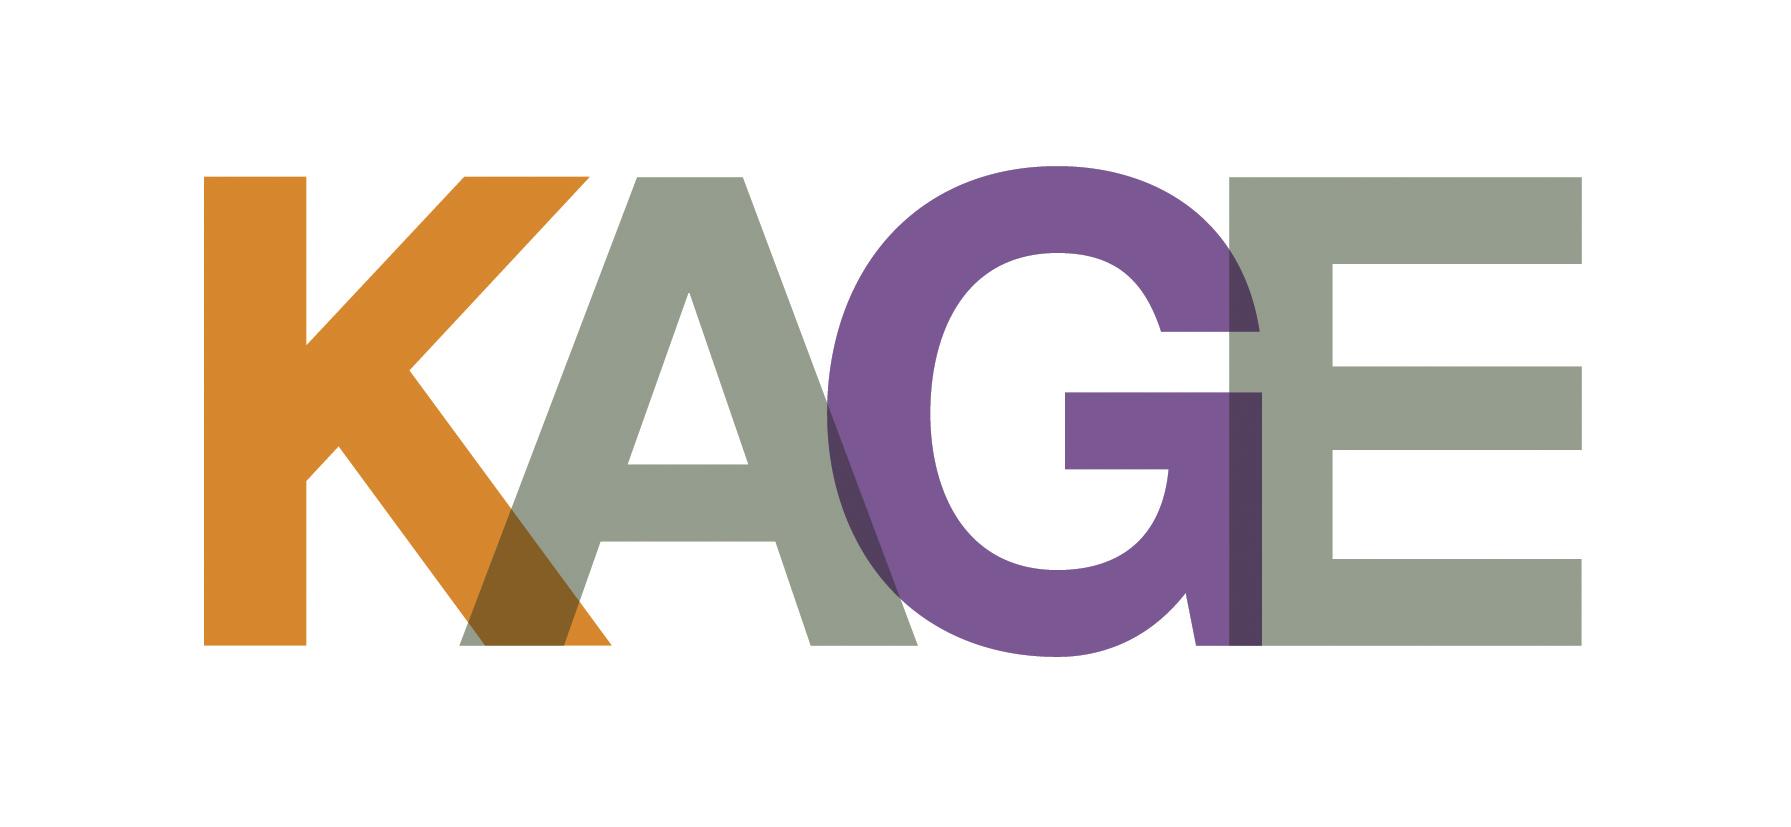 KAGE logo